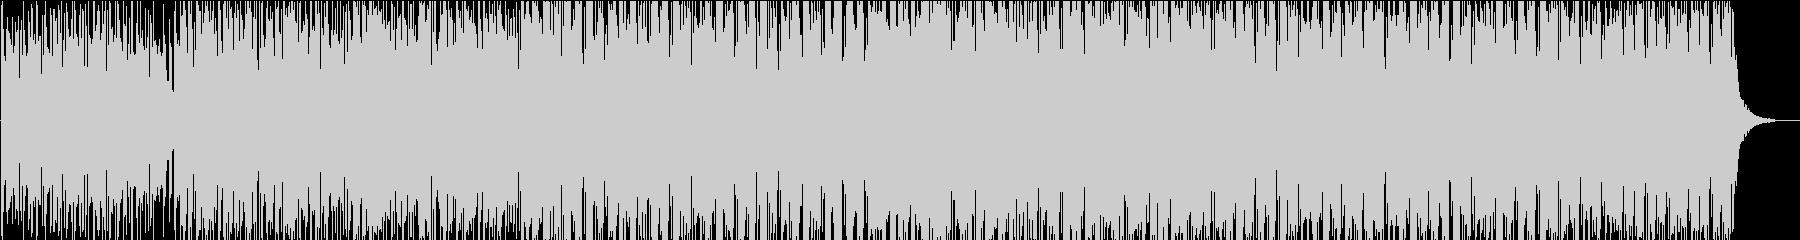 ウクレレと口笛の軽快な可愛い曲の未再生の波形